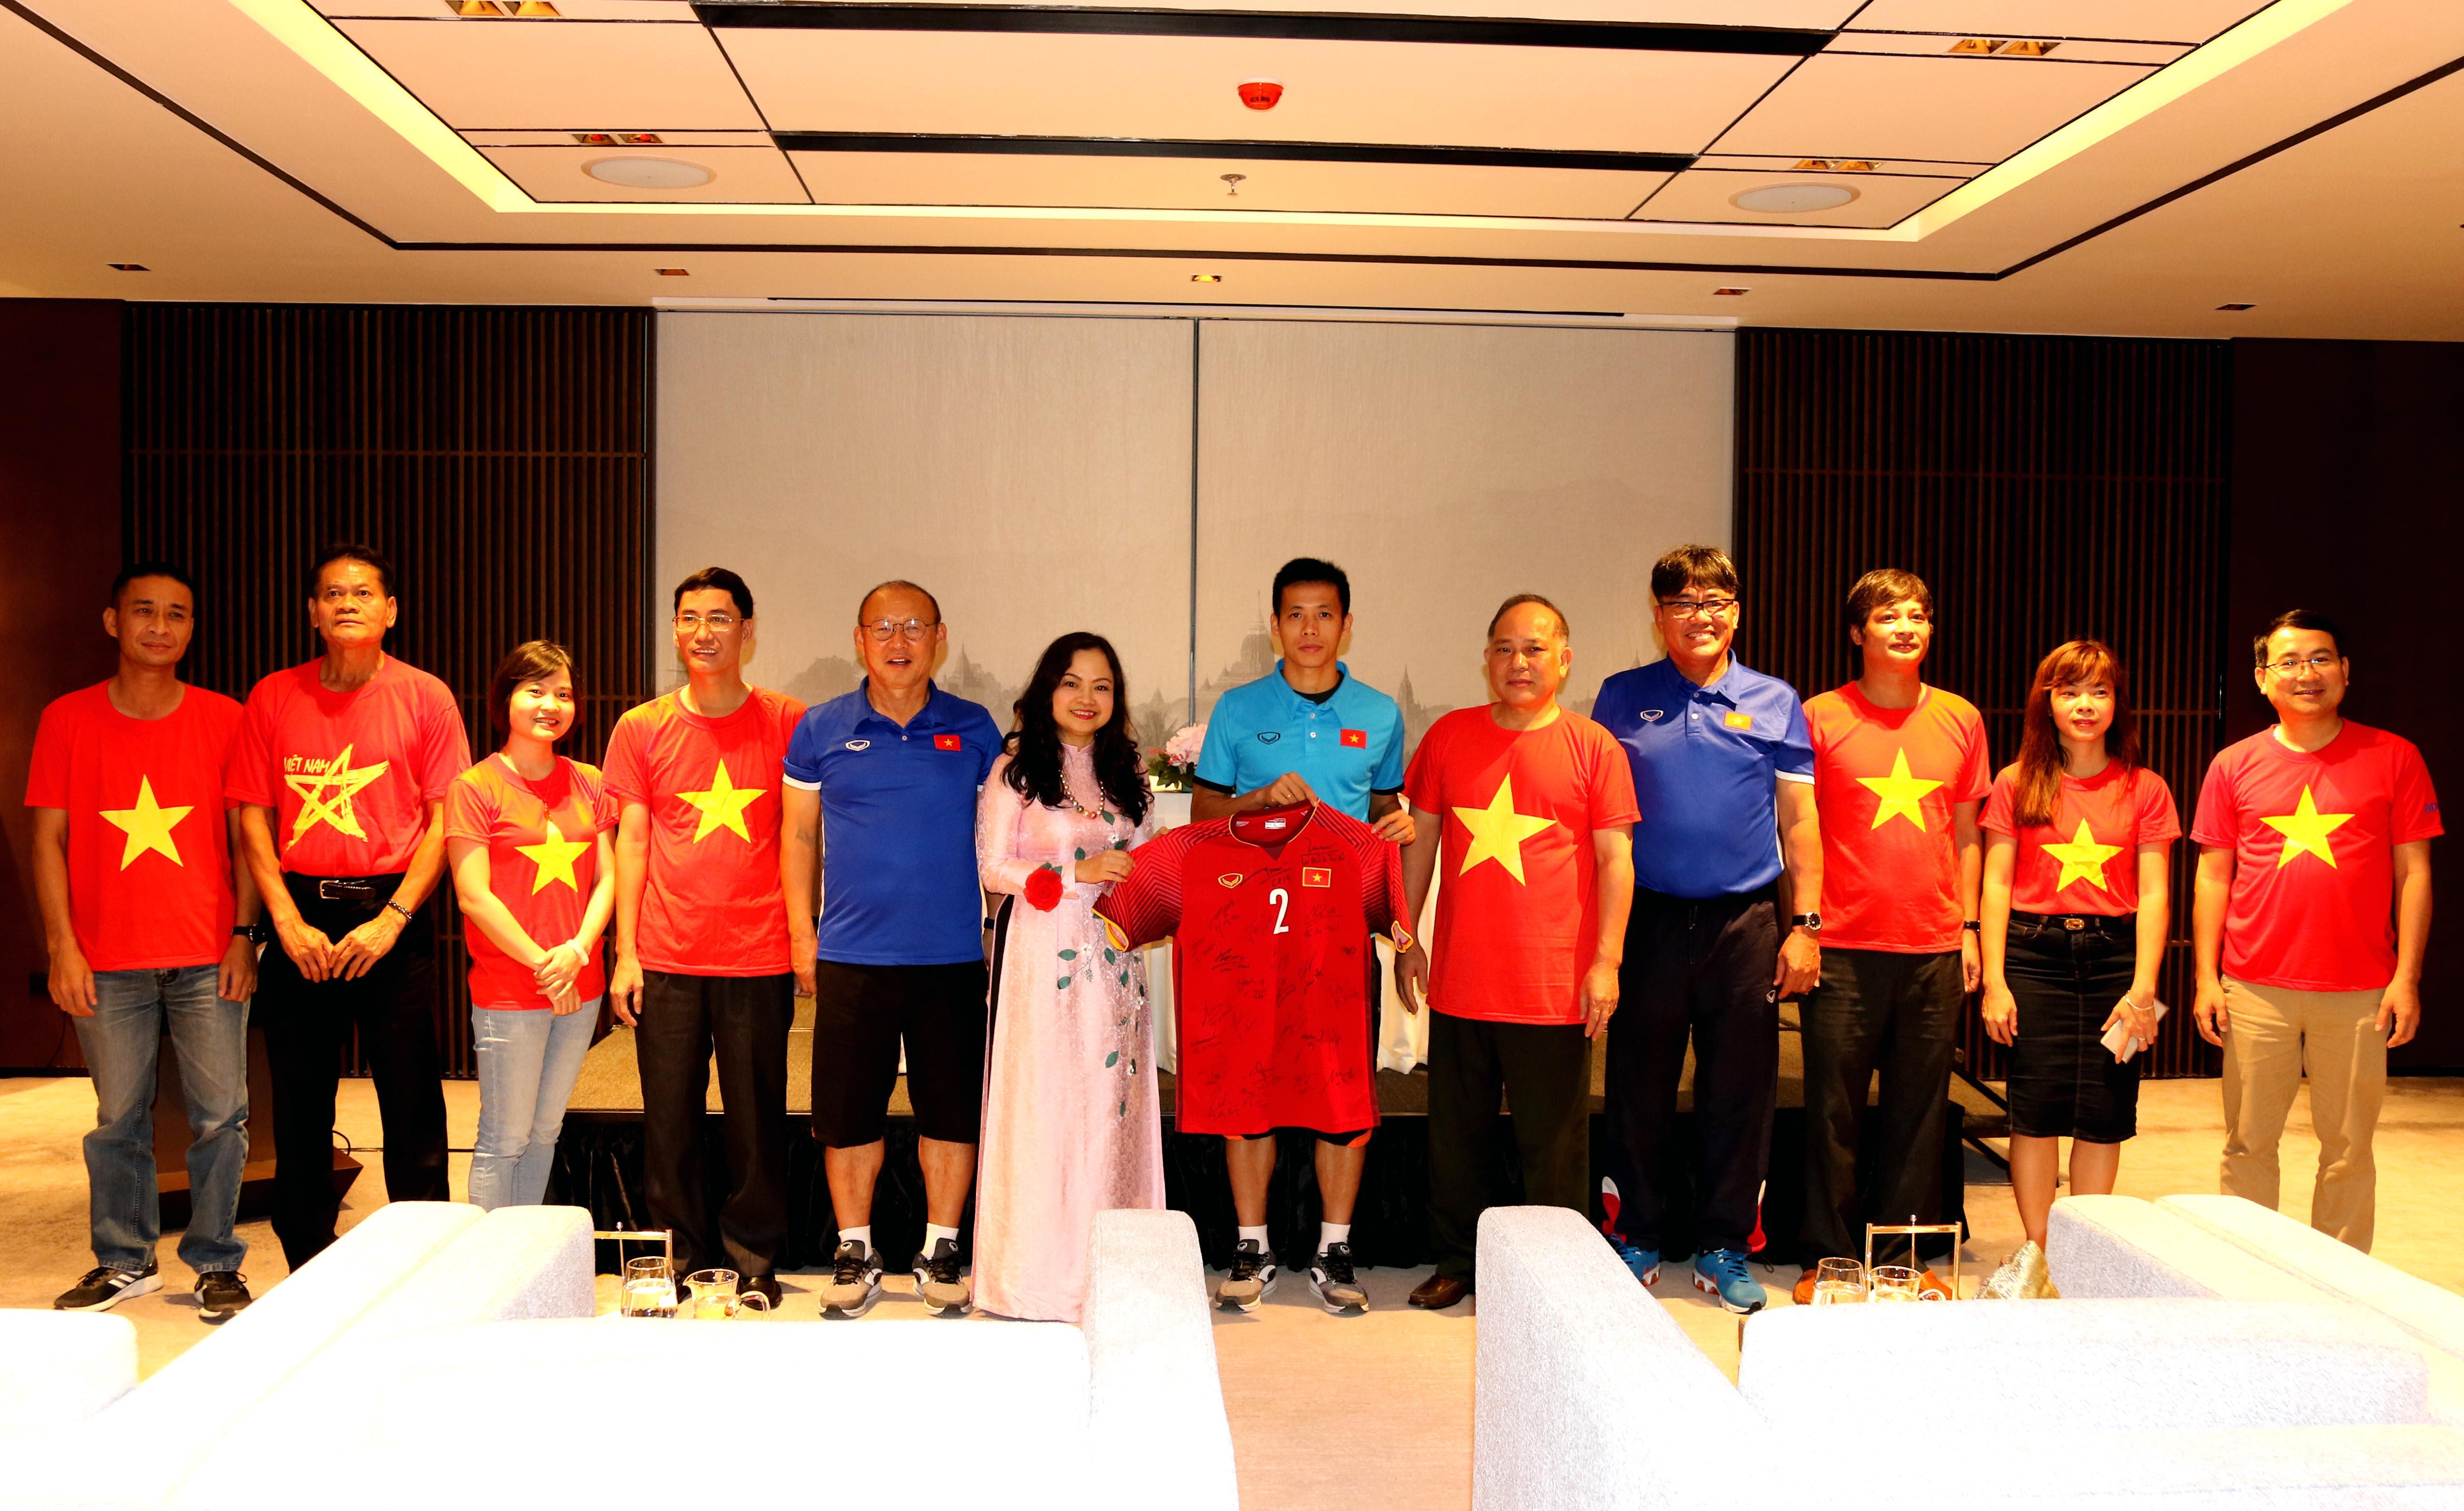 Đại sứ Việt Nam tại Myanmar đặt niềm tin chiến thắng vào thầy trò HLV Park Hang-seo